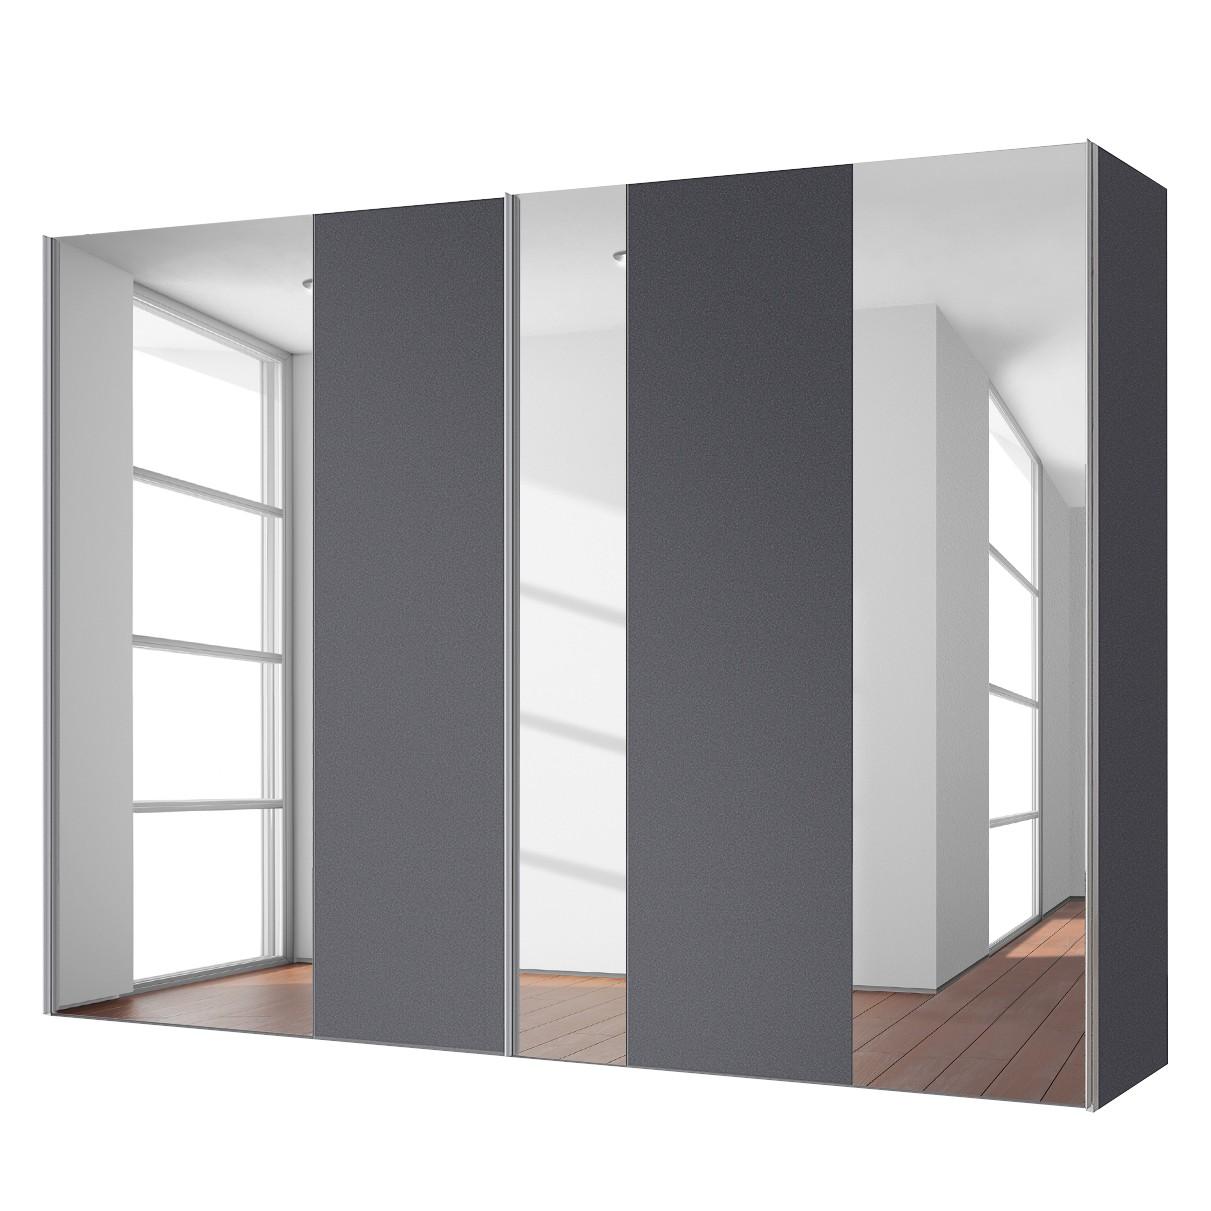 goedkoop Zweefdeurkast Cando Grafiet Spiegelglas 250cm 2 deurs Express Mobel